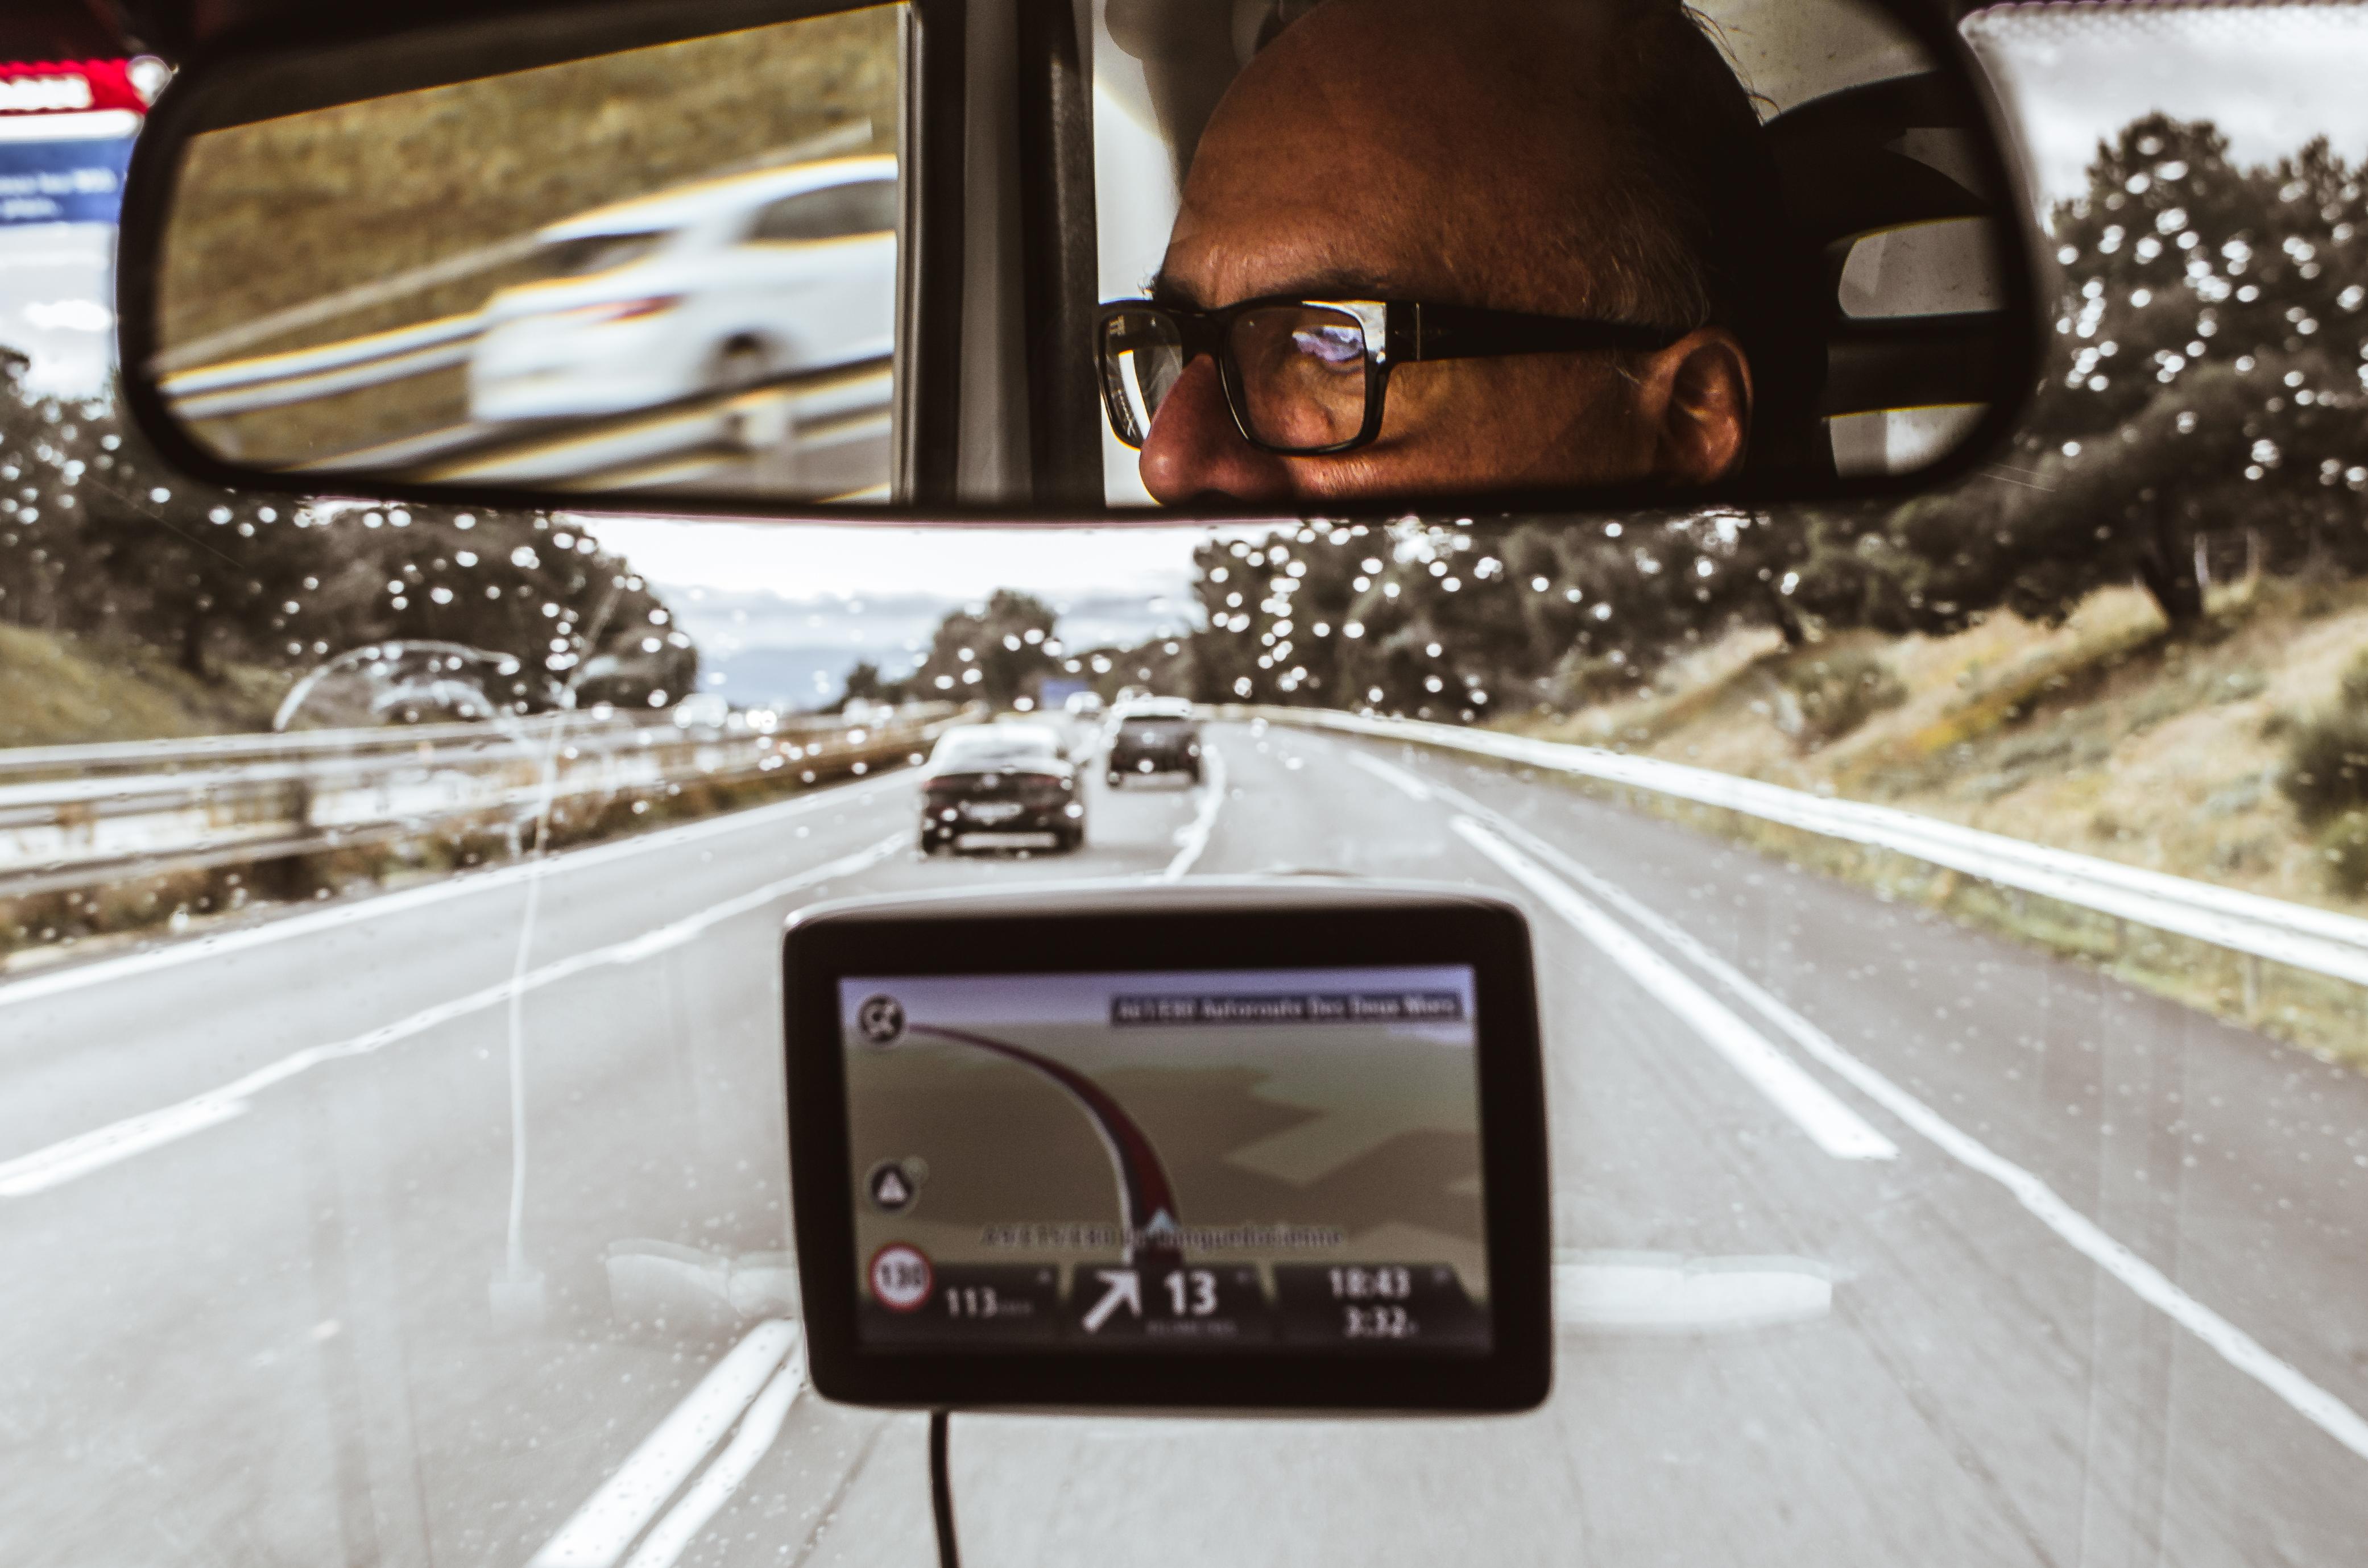 Rosto de Arnaldo Danemberg com óculos de grau aparecem no retrovisor de um caminhão. Em frente, a foto exibe a estrada e um GPS.